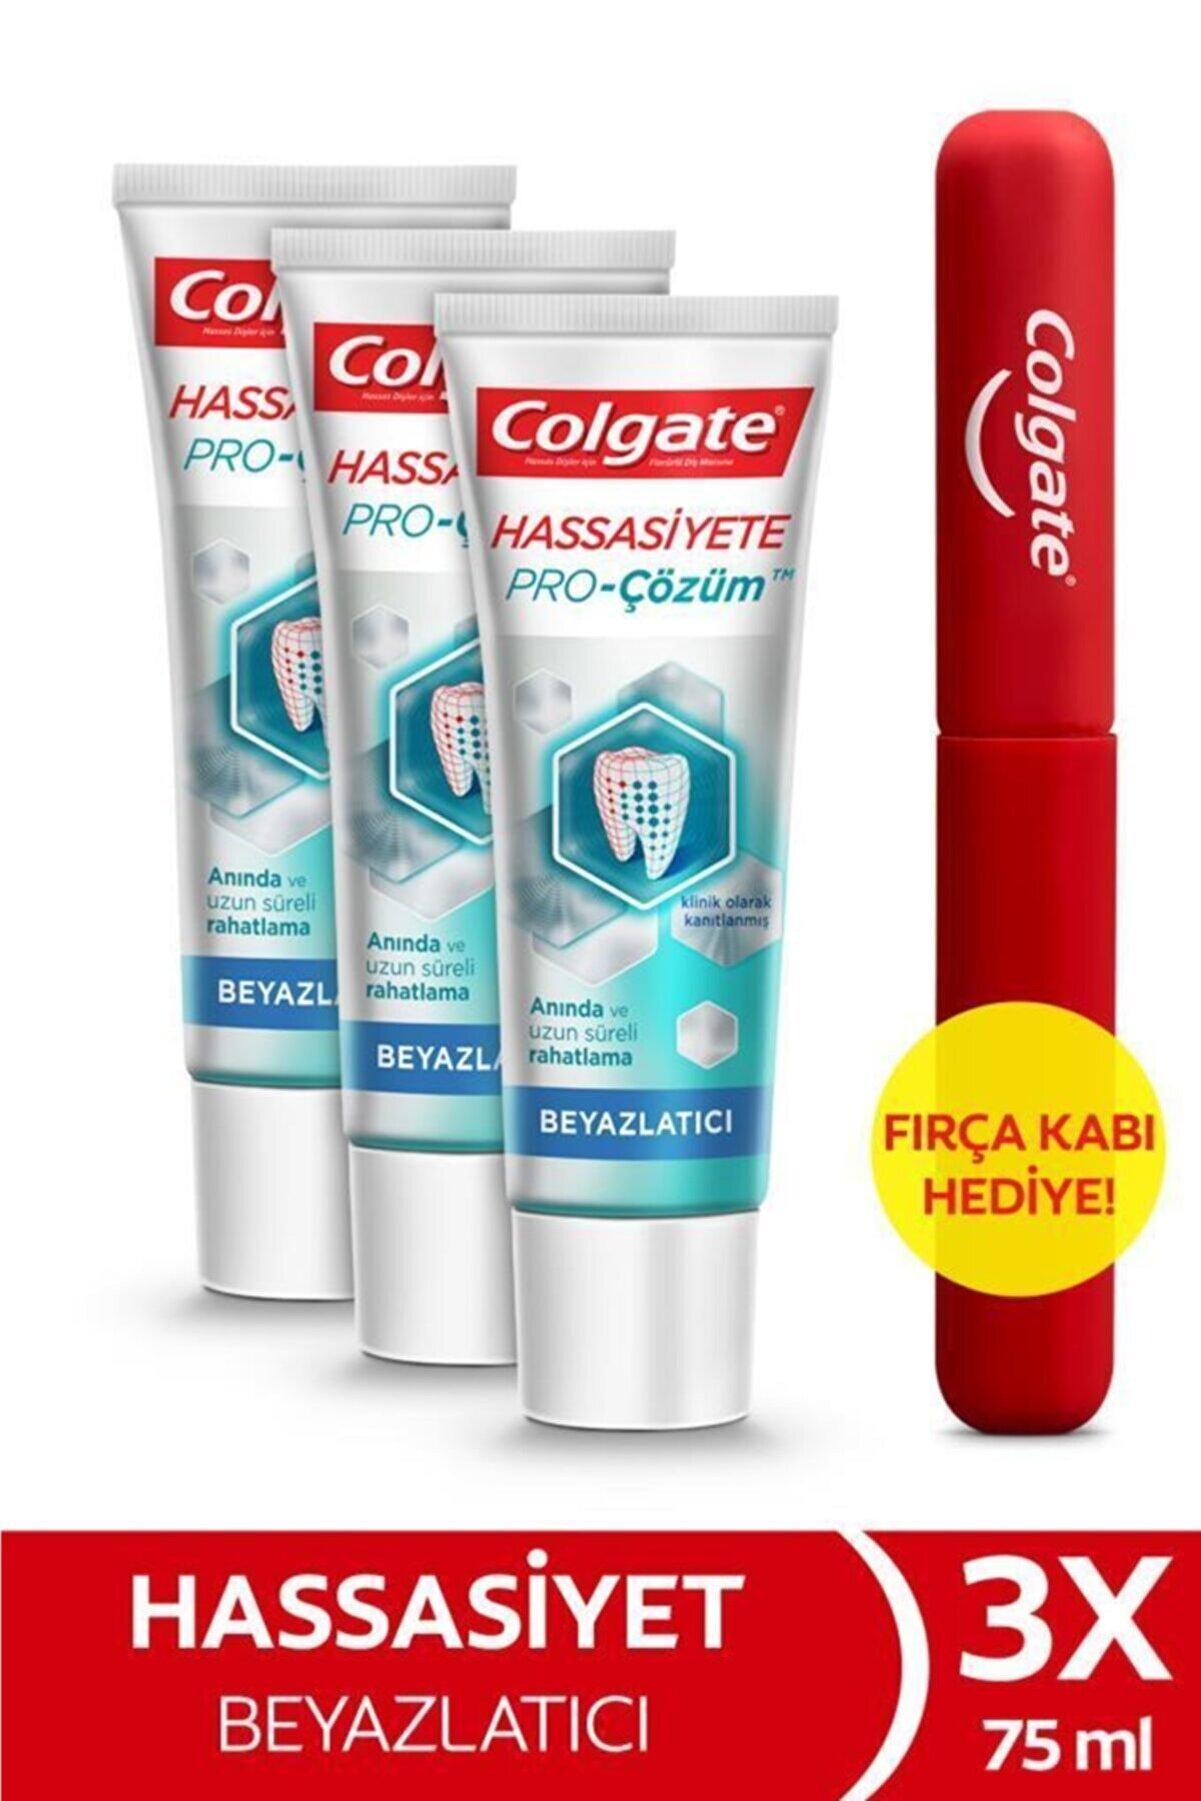 Colgate Hassasiyete Pro Çözüm Beyazlatıcı Sensitive Sensitive Pro Relief Diş Macunu 75 Ml X 3 Adet +